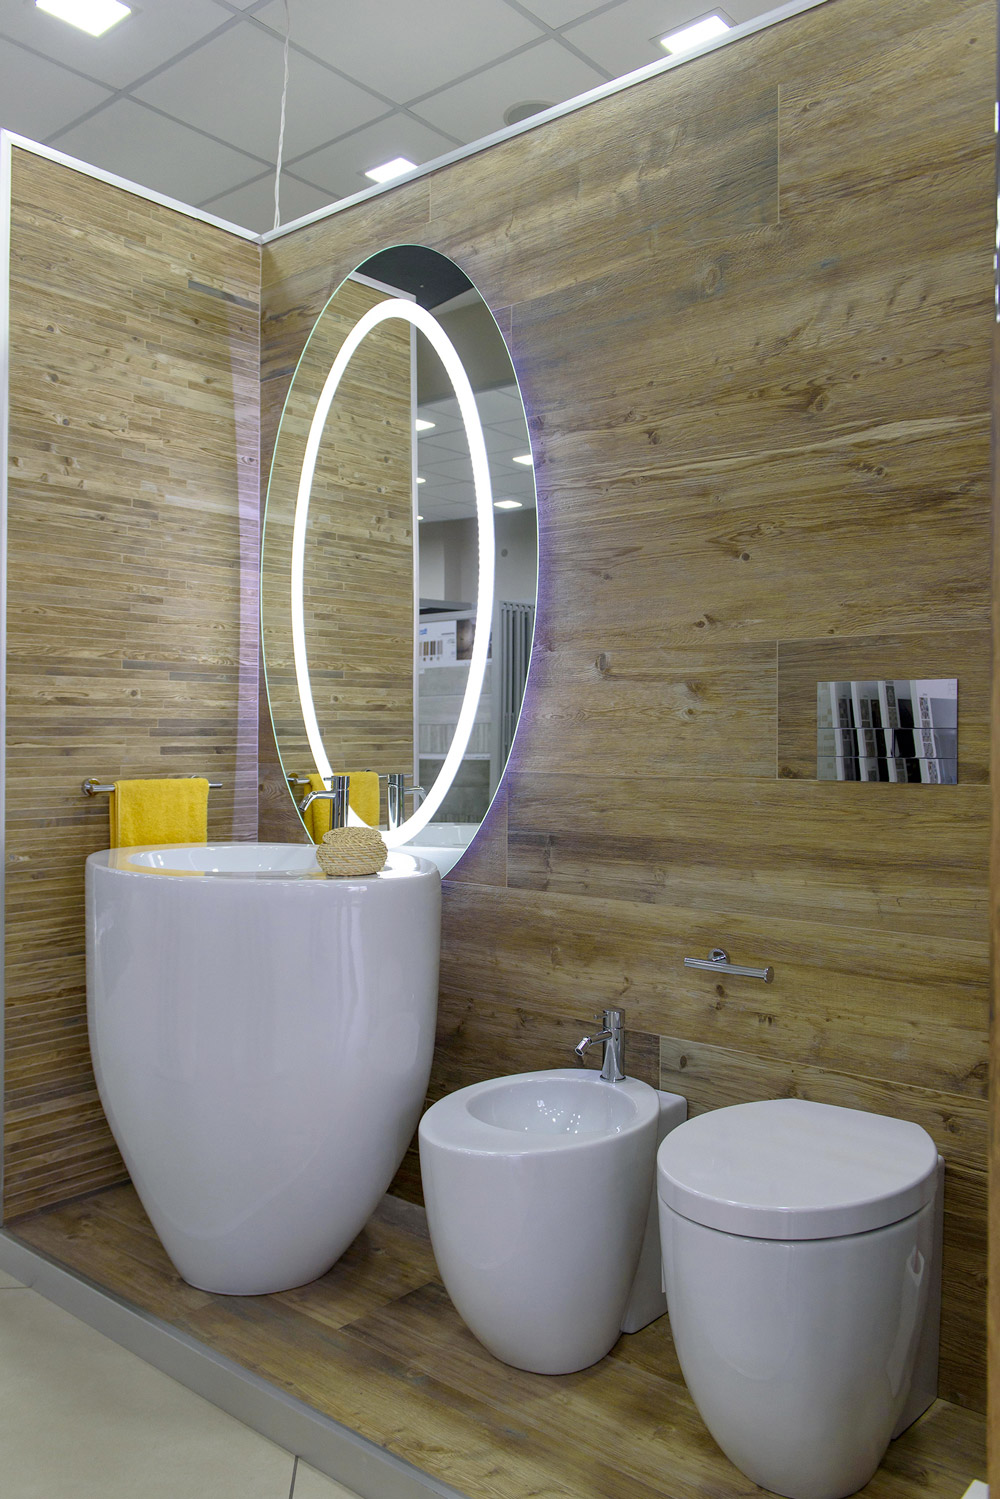 Showroom-miroma-ceramiche-arredobagno-aversa-caserta-napoli-21